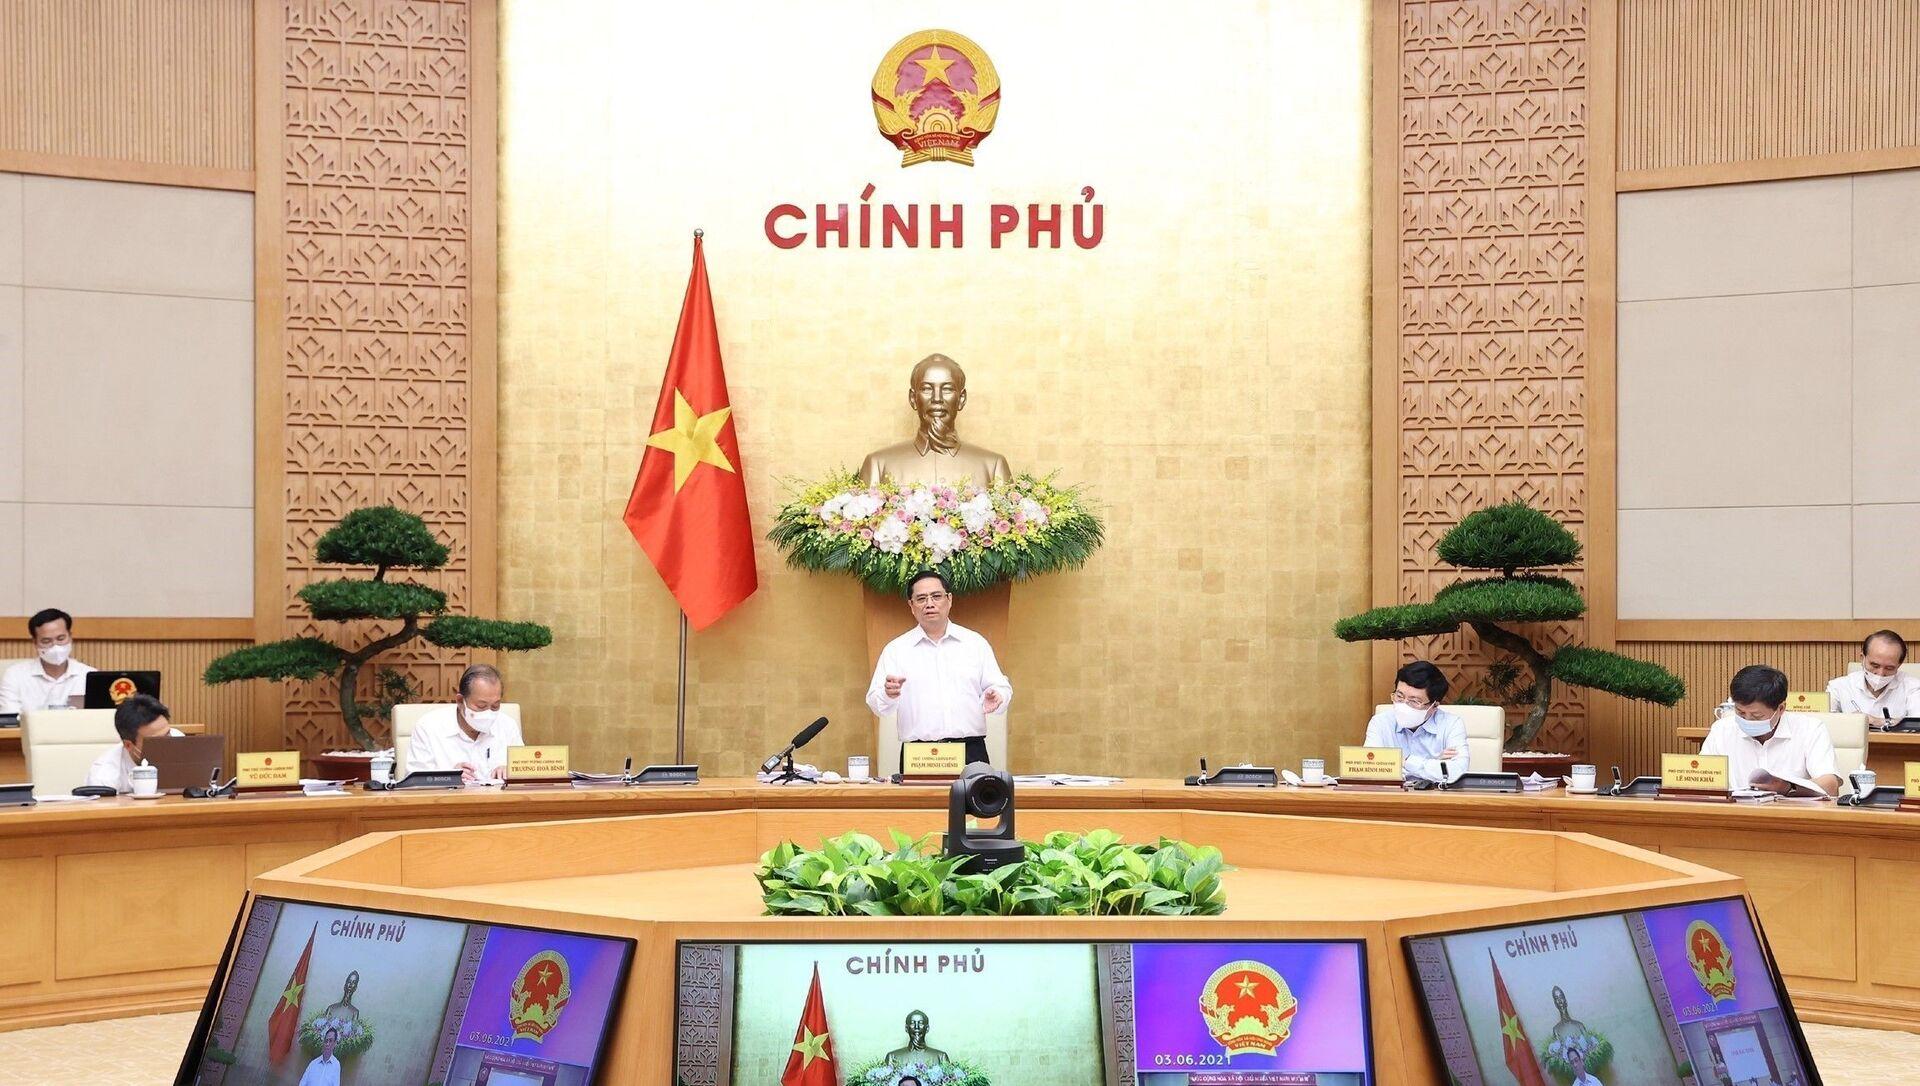 Phiên họp Chính phủ thường kỳ tháng 5/2021 - Sputnik Việt Nam, 1920, 21.06.2021